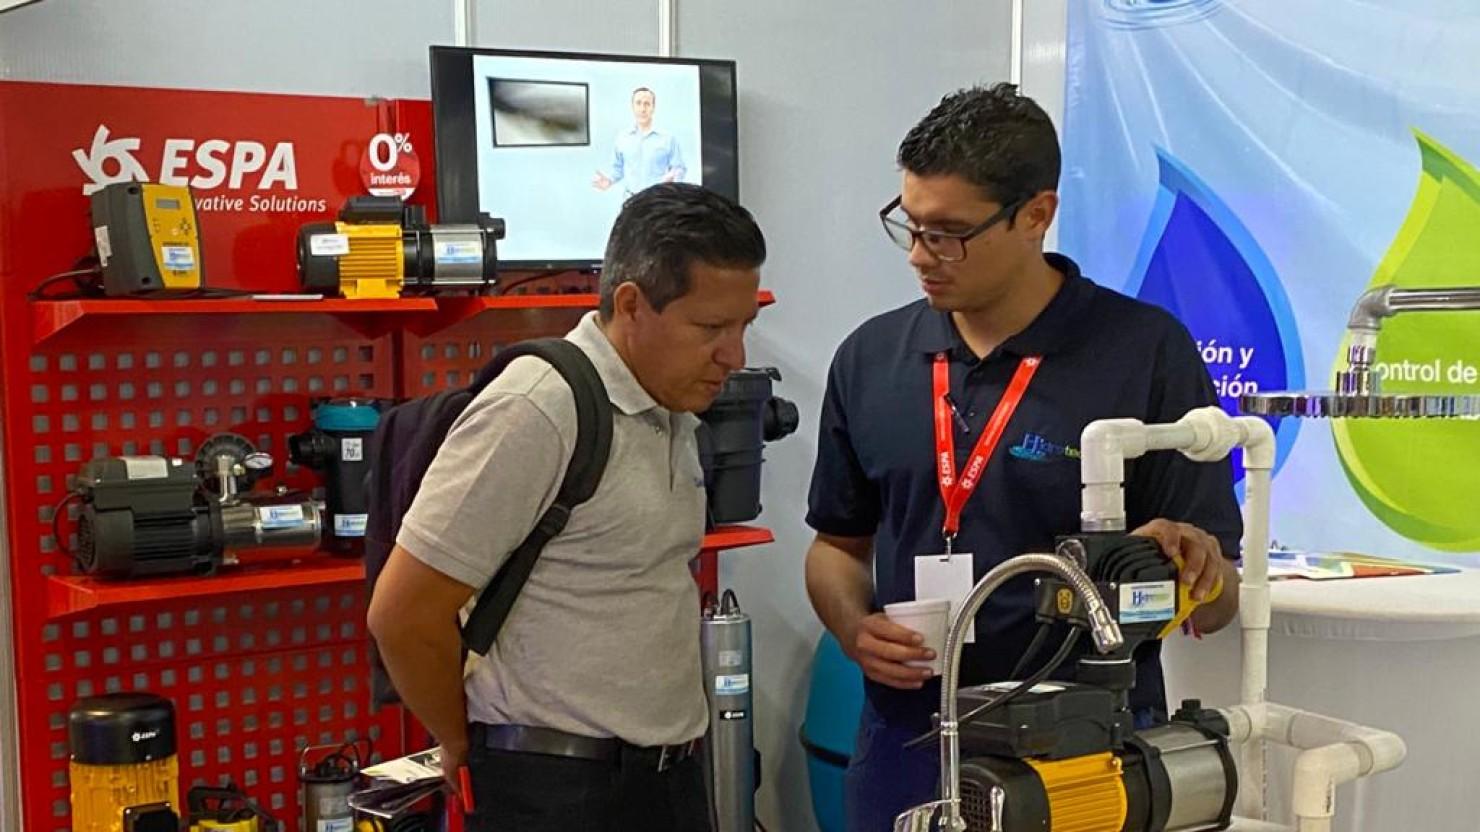 Expo Construcción Fair